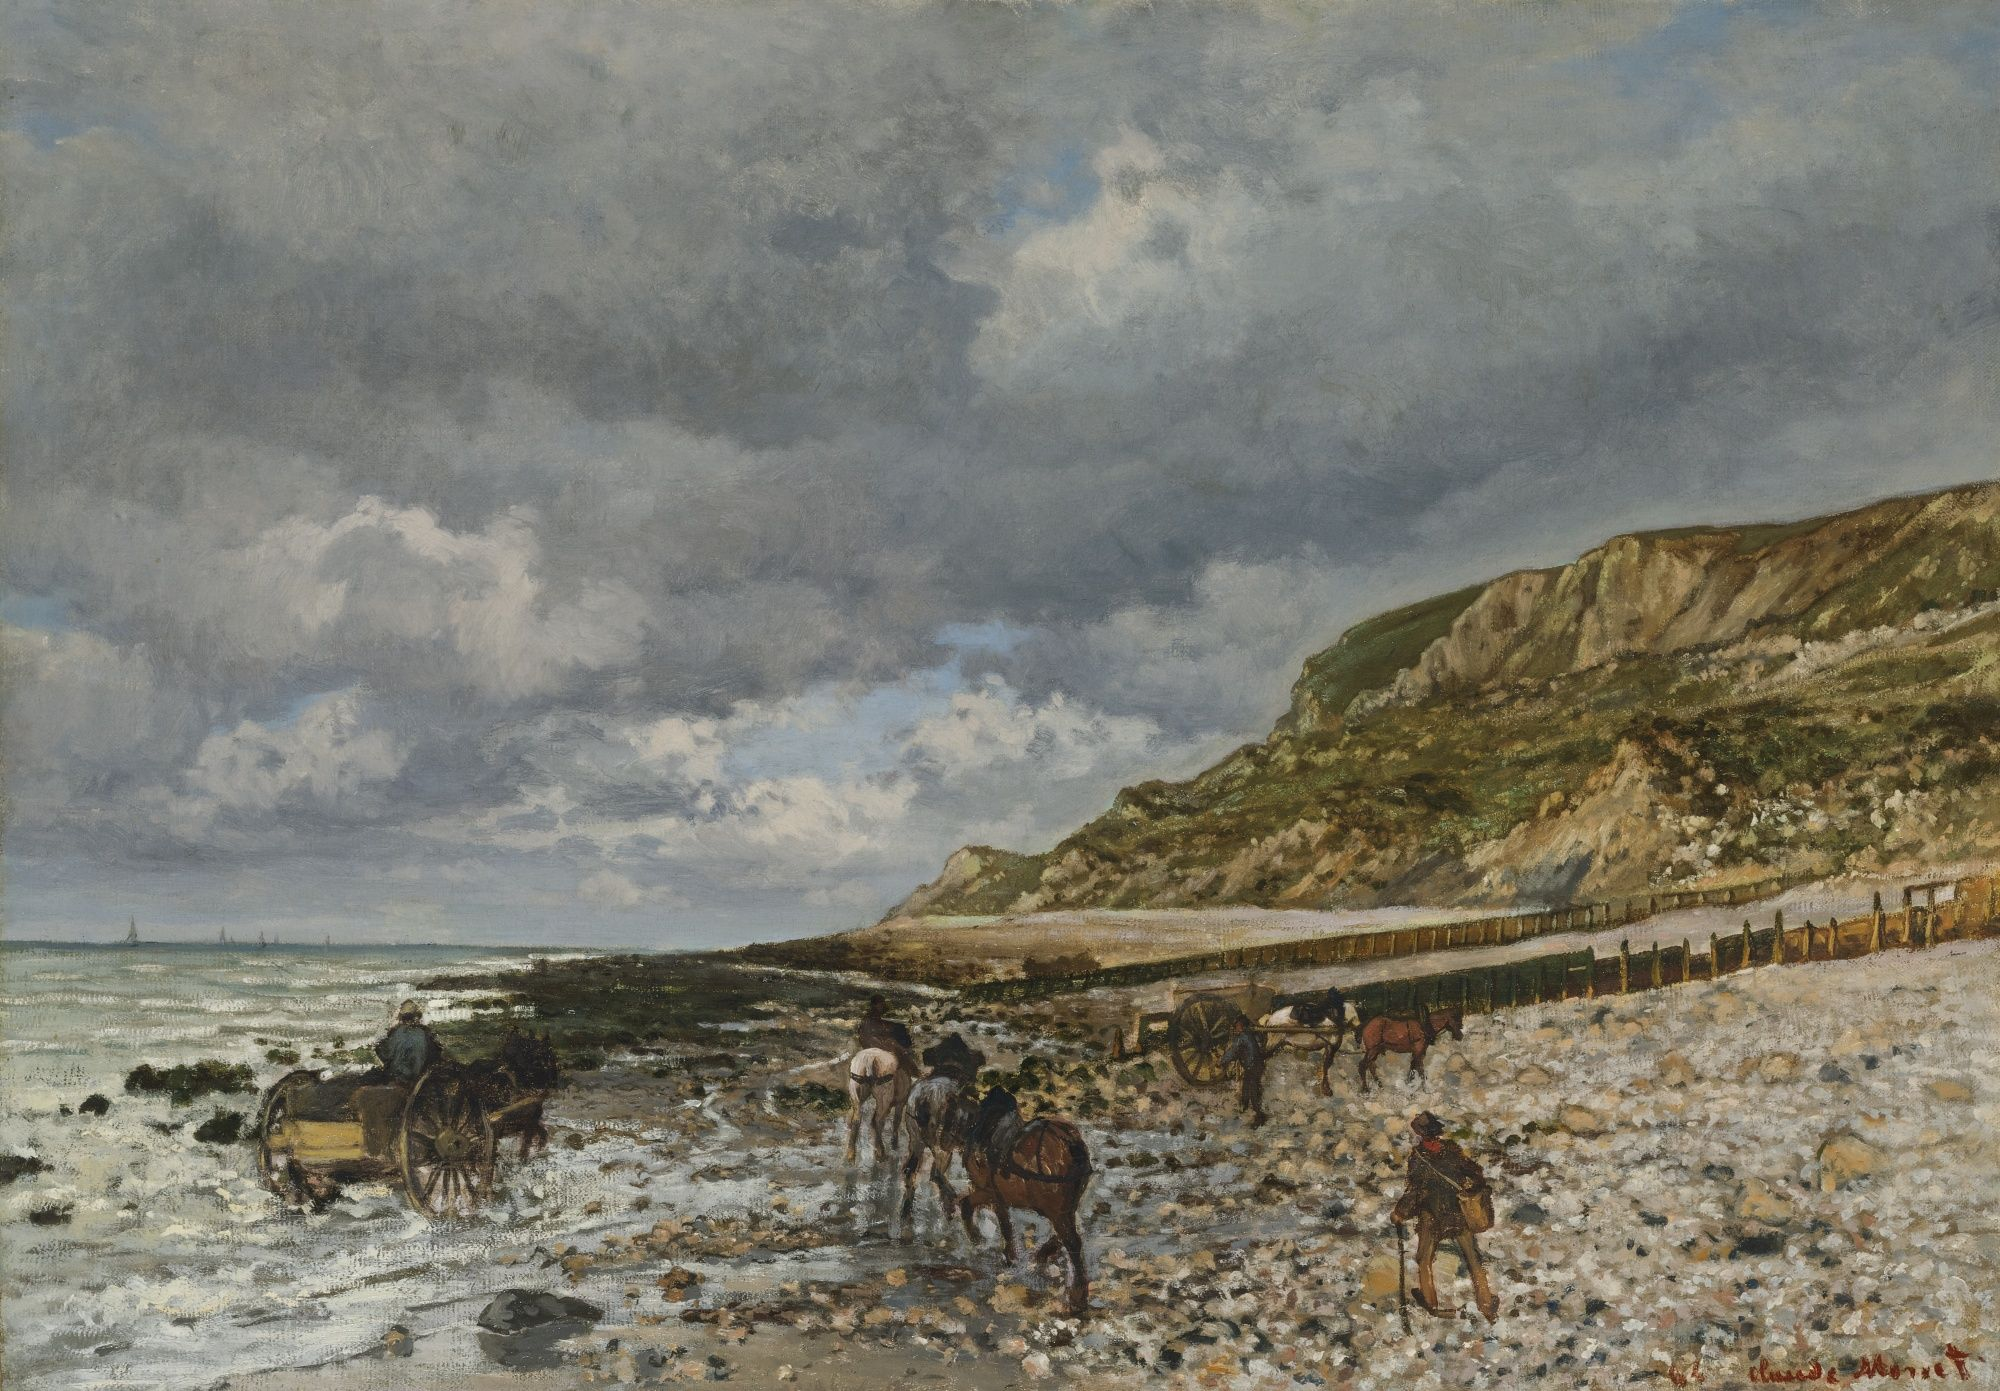 Claude Monet (1840 - 1926). Chevaux à la Pointe de la Hève. 21 1/4 by 29  in. Painted in 1864. | Claude monet, Monet, Monet paintings